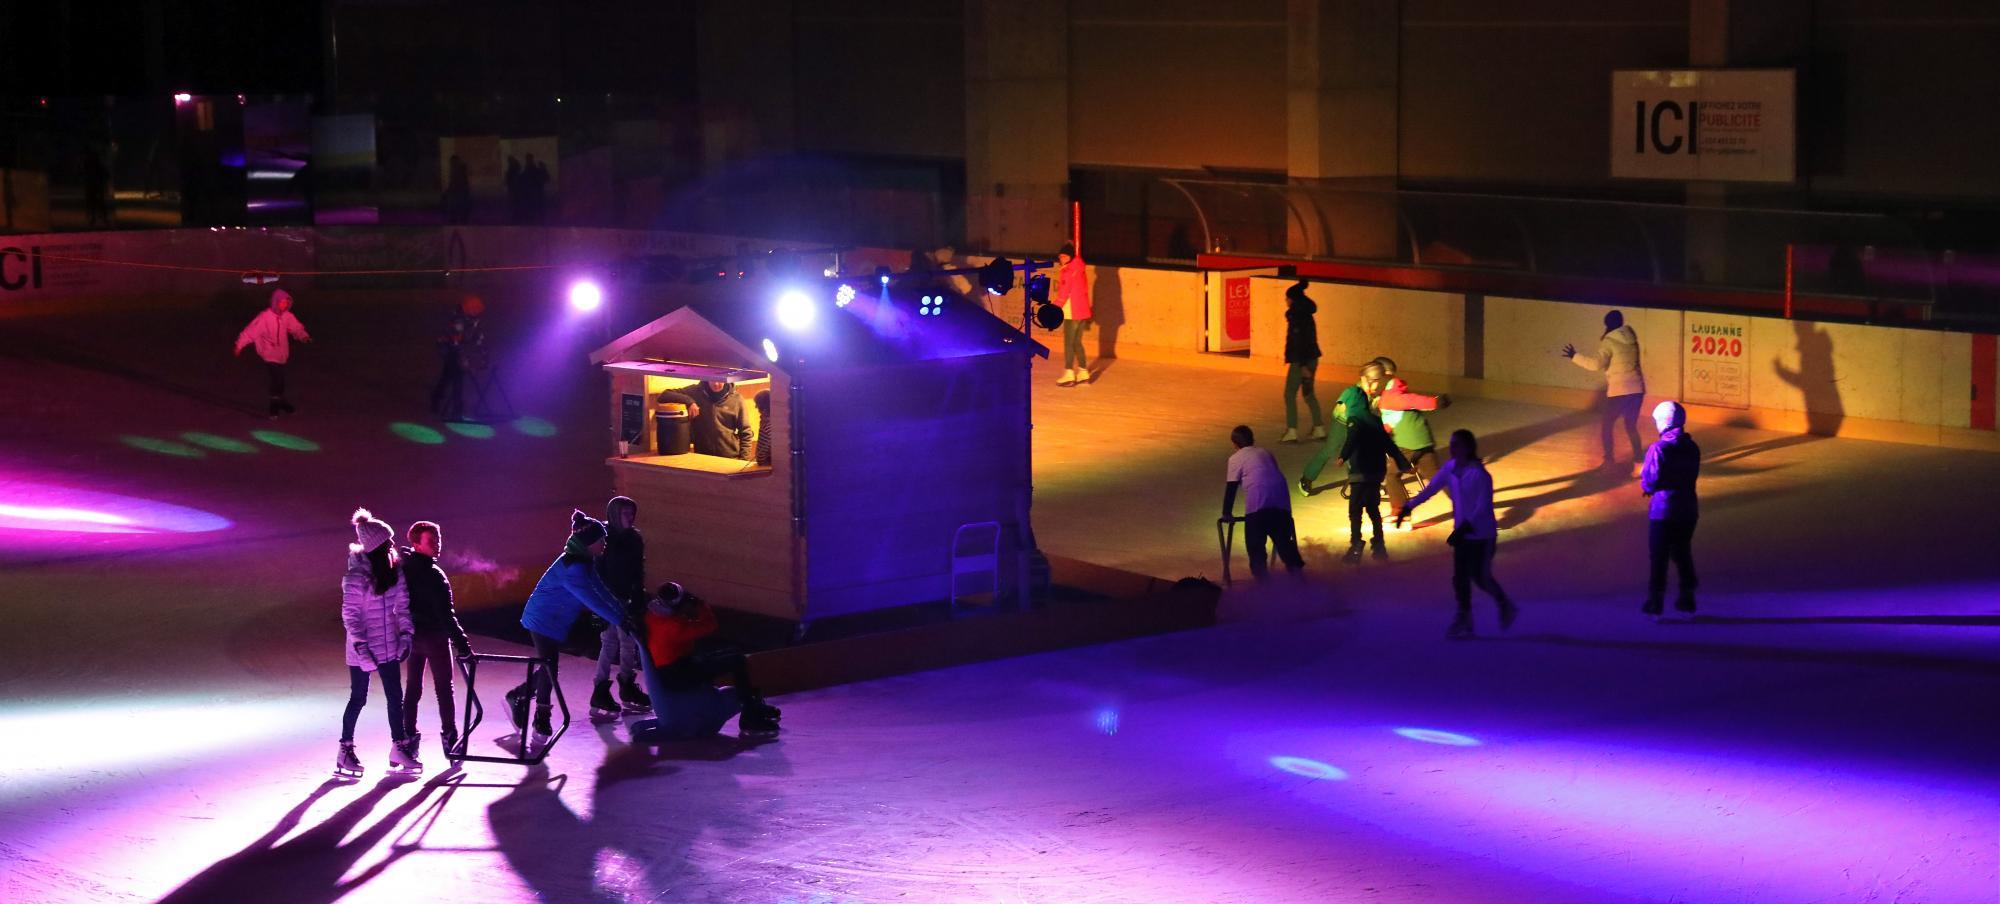 Eisbahn Leysin